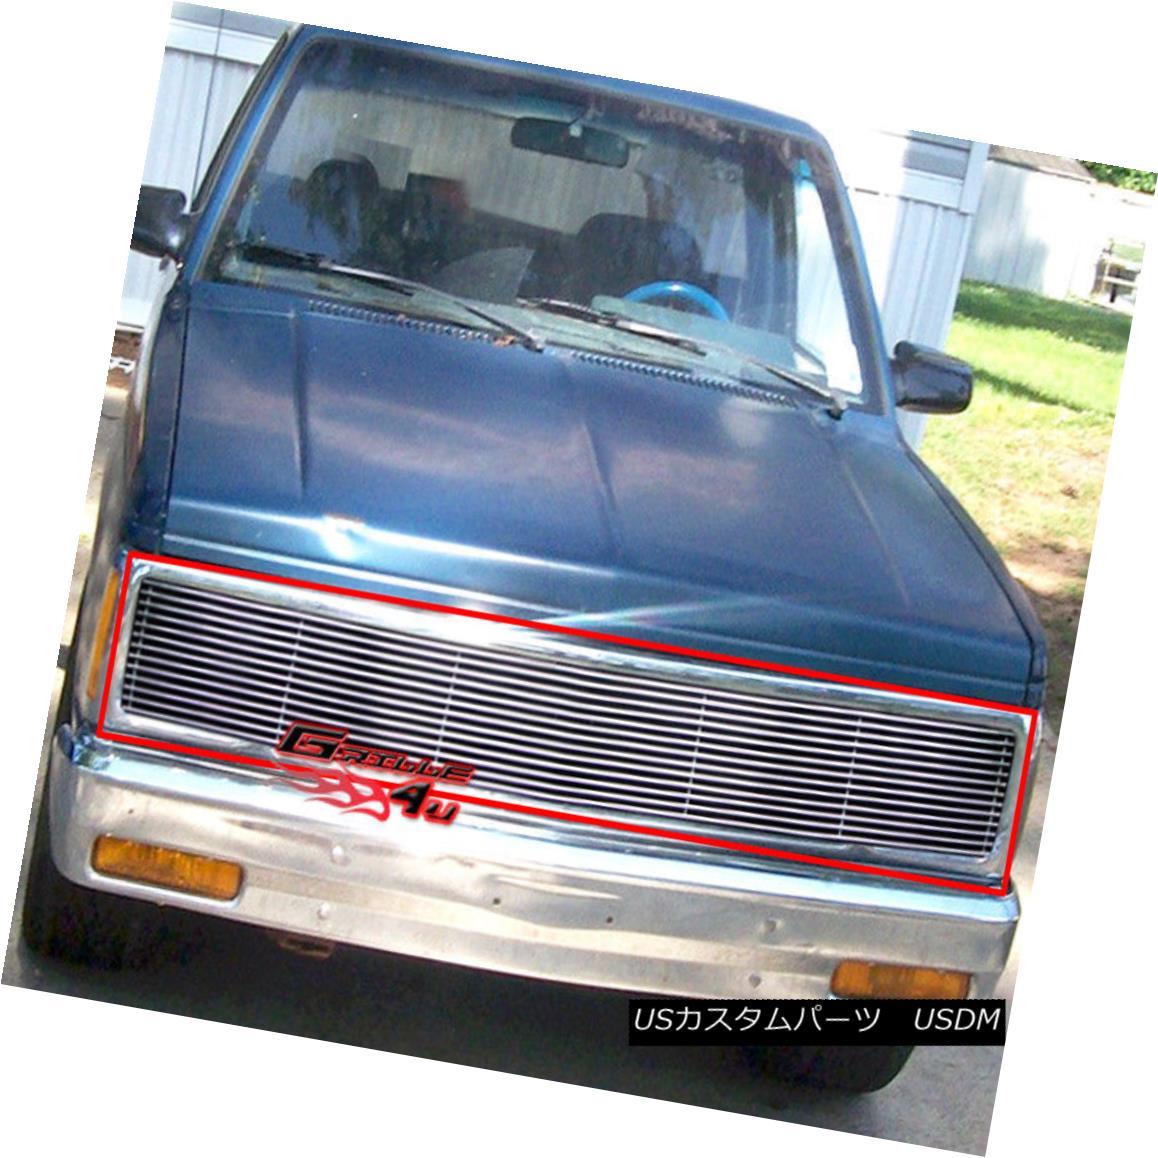 グリル For 91-93 Chevy S10/Blazer 91-94 Jimmy Phantom Billet Grill 91-93 Chevy S10 / Blazer 91-94ジミーファントムビレットグリル